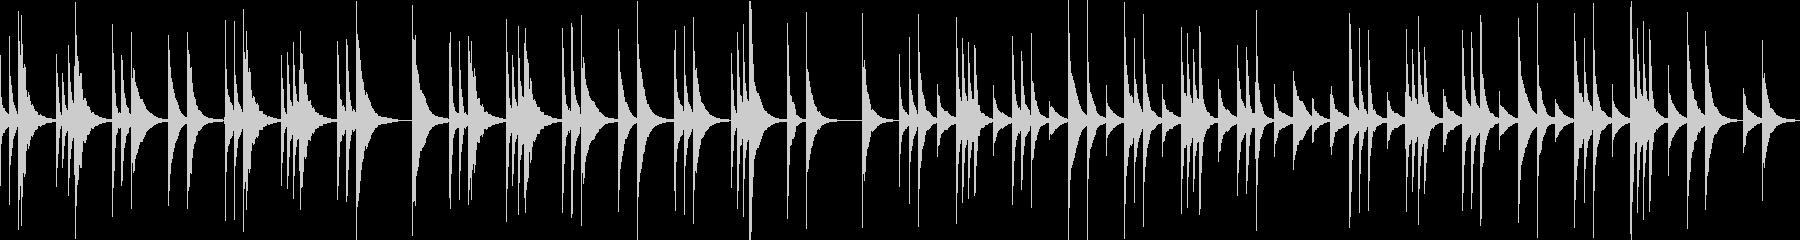 アメイジンググレイスのオルゴールアレンジの未再生の波形